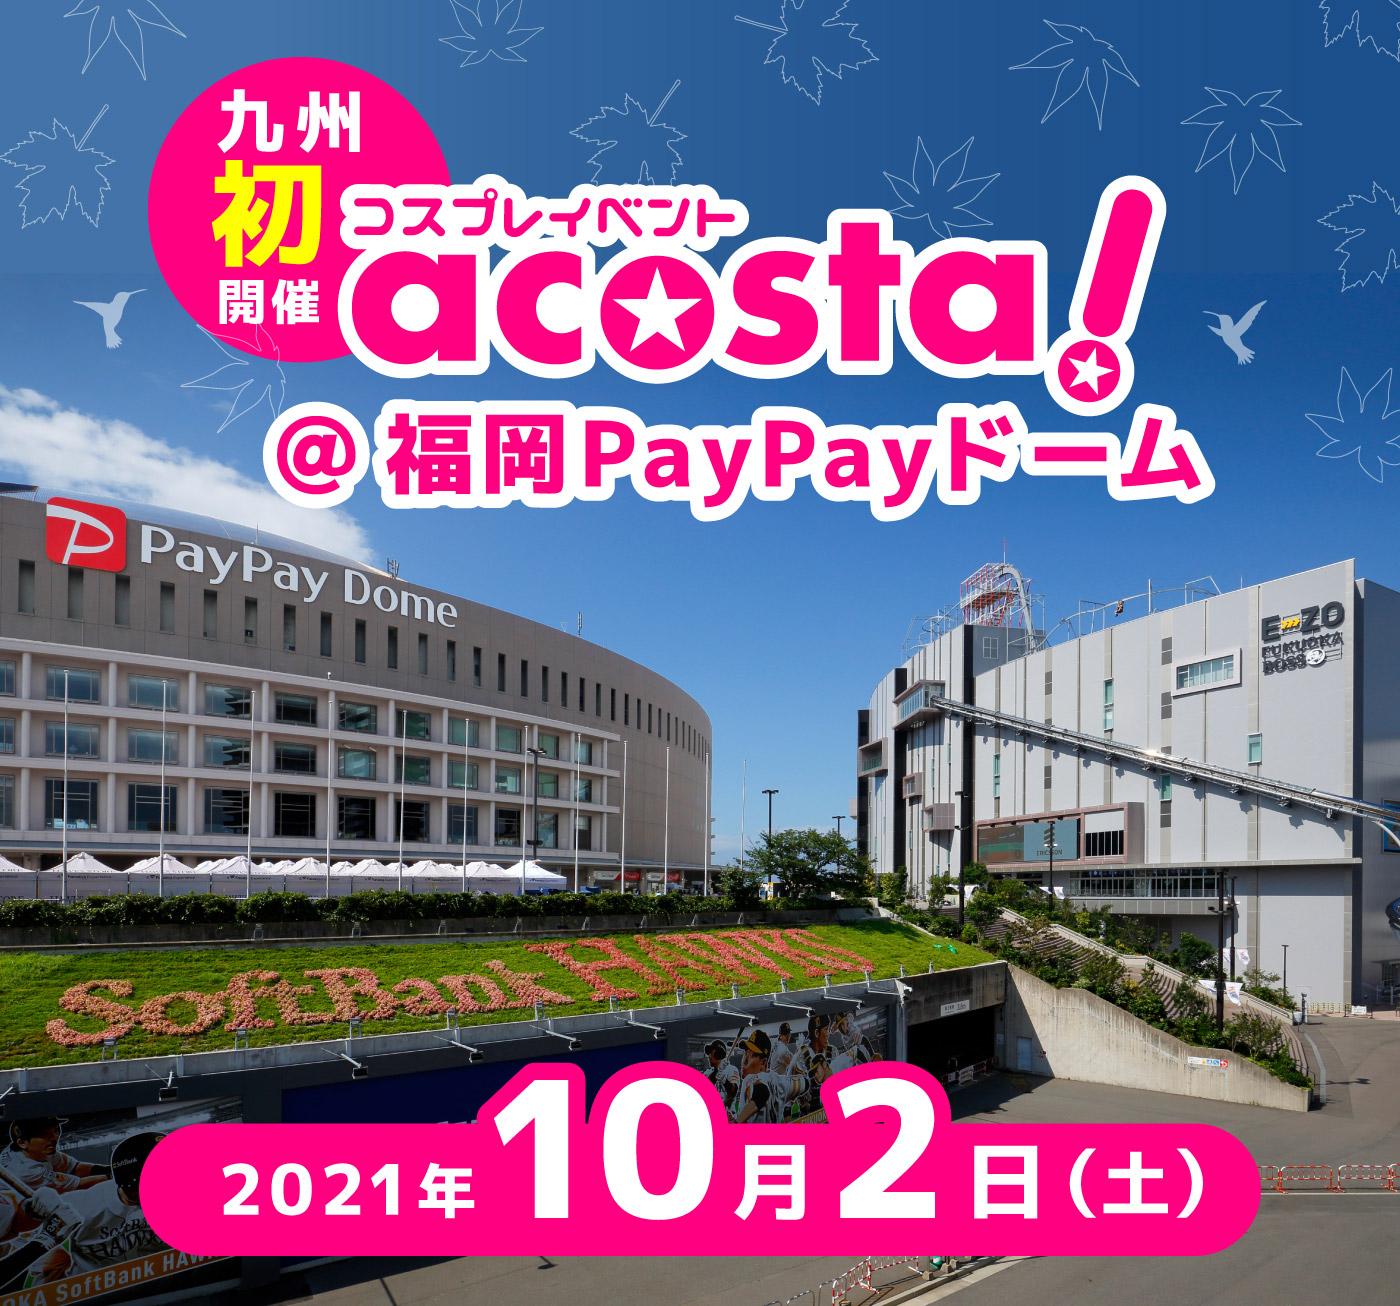 コスプレイベントacosta!(アコスタ)@ 福岡PayPayドーム